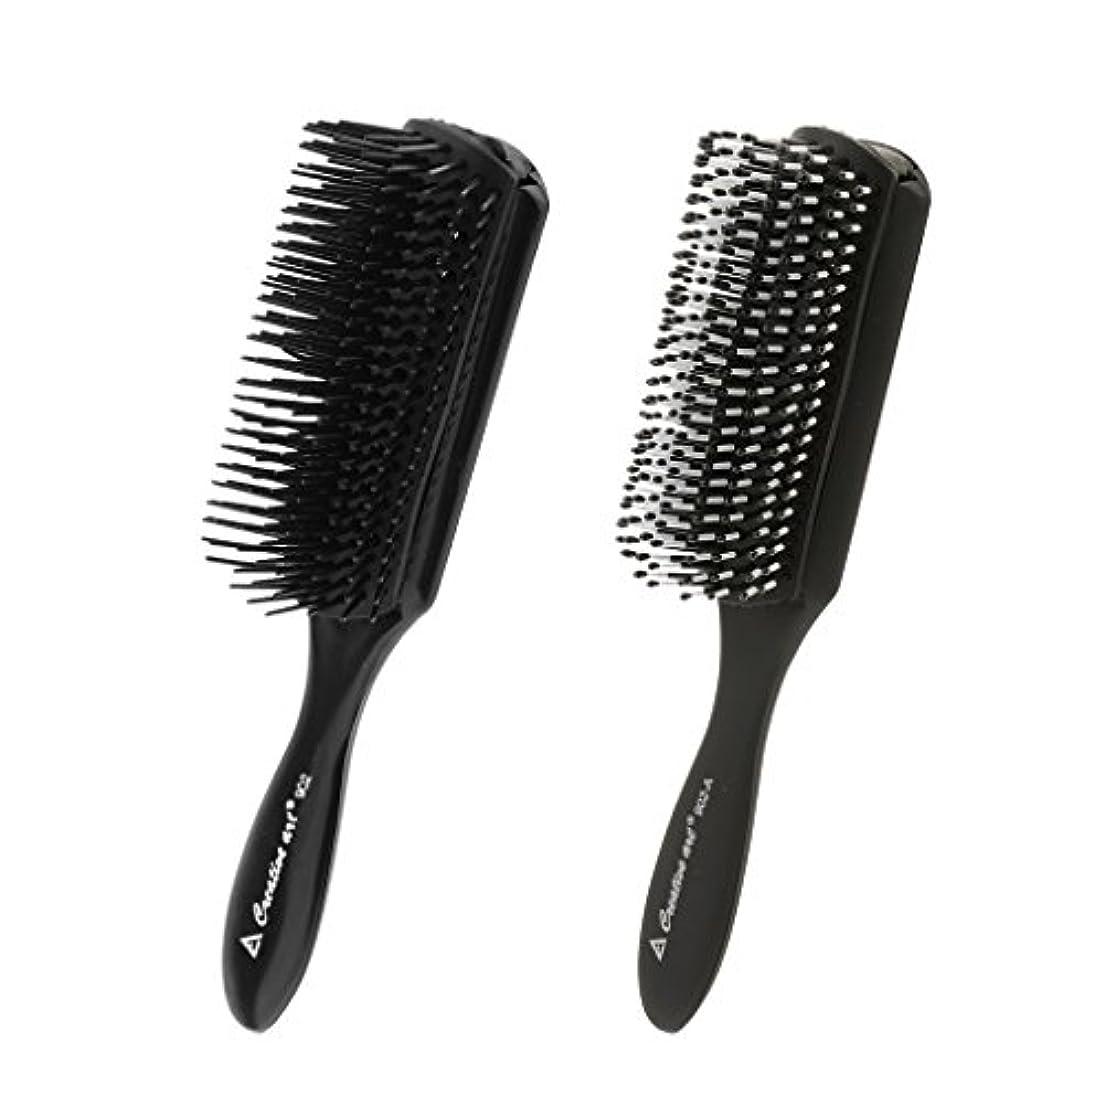 魅力ファーザーファージュボランティアToygogo 2ピース調整可能なヘアブラシ帯電防止櫛プロ理髪ヘアブラシスタイリングツール頭皮マッサージ